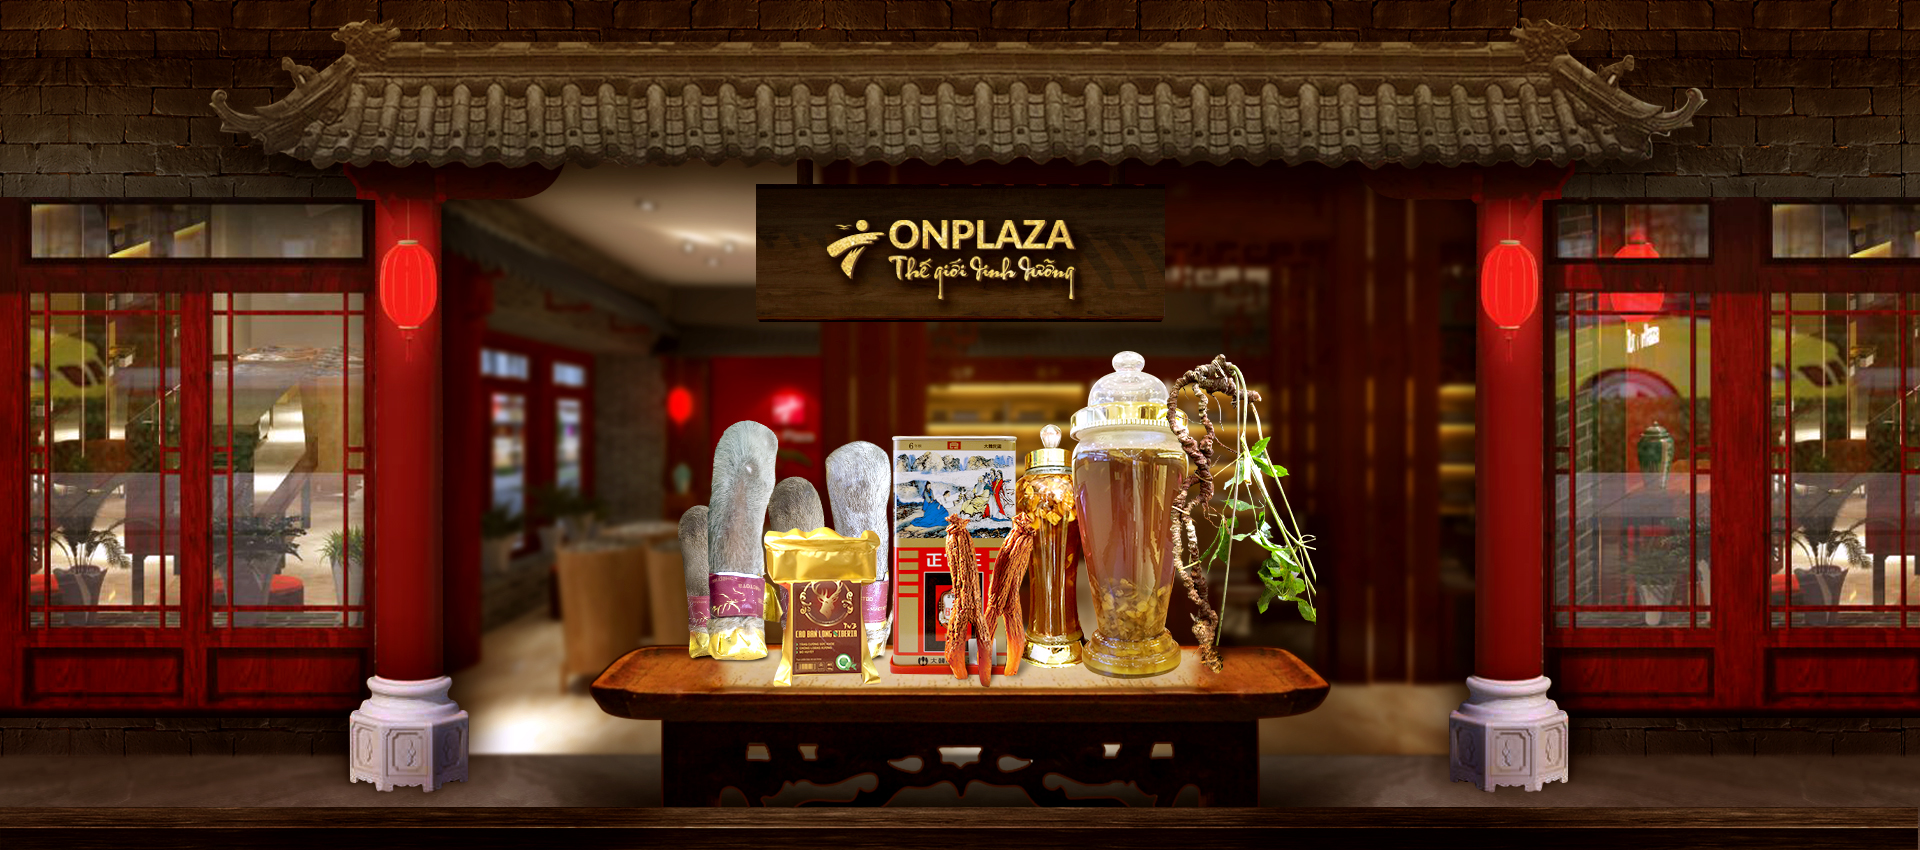 Công ty Onplaza cung cấp các ngành hàng đa dạng